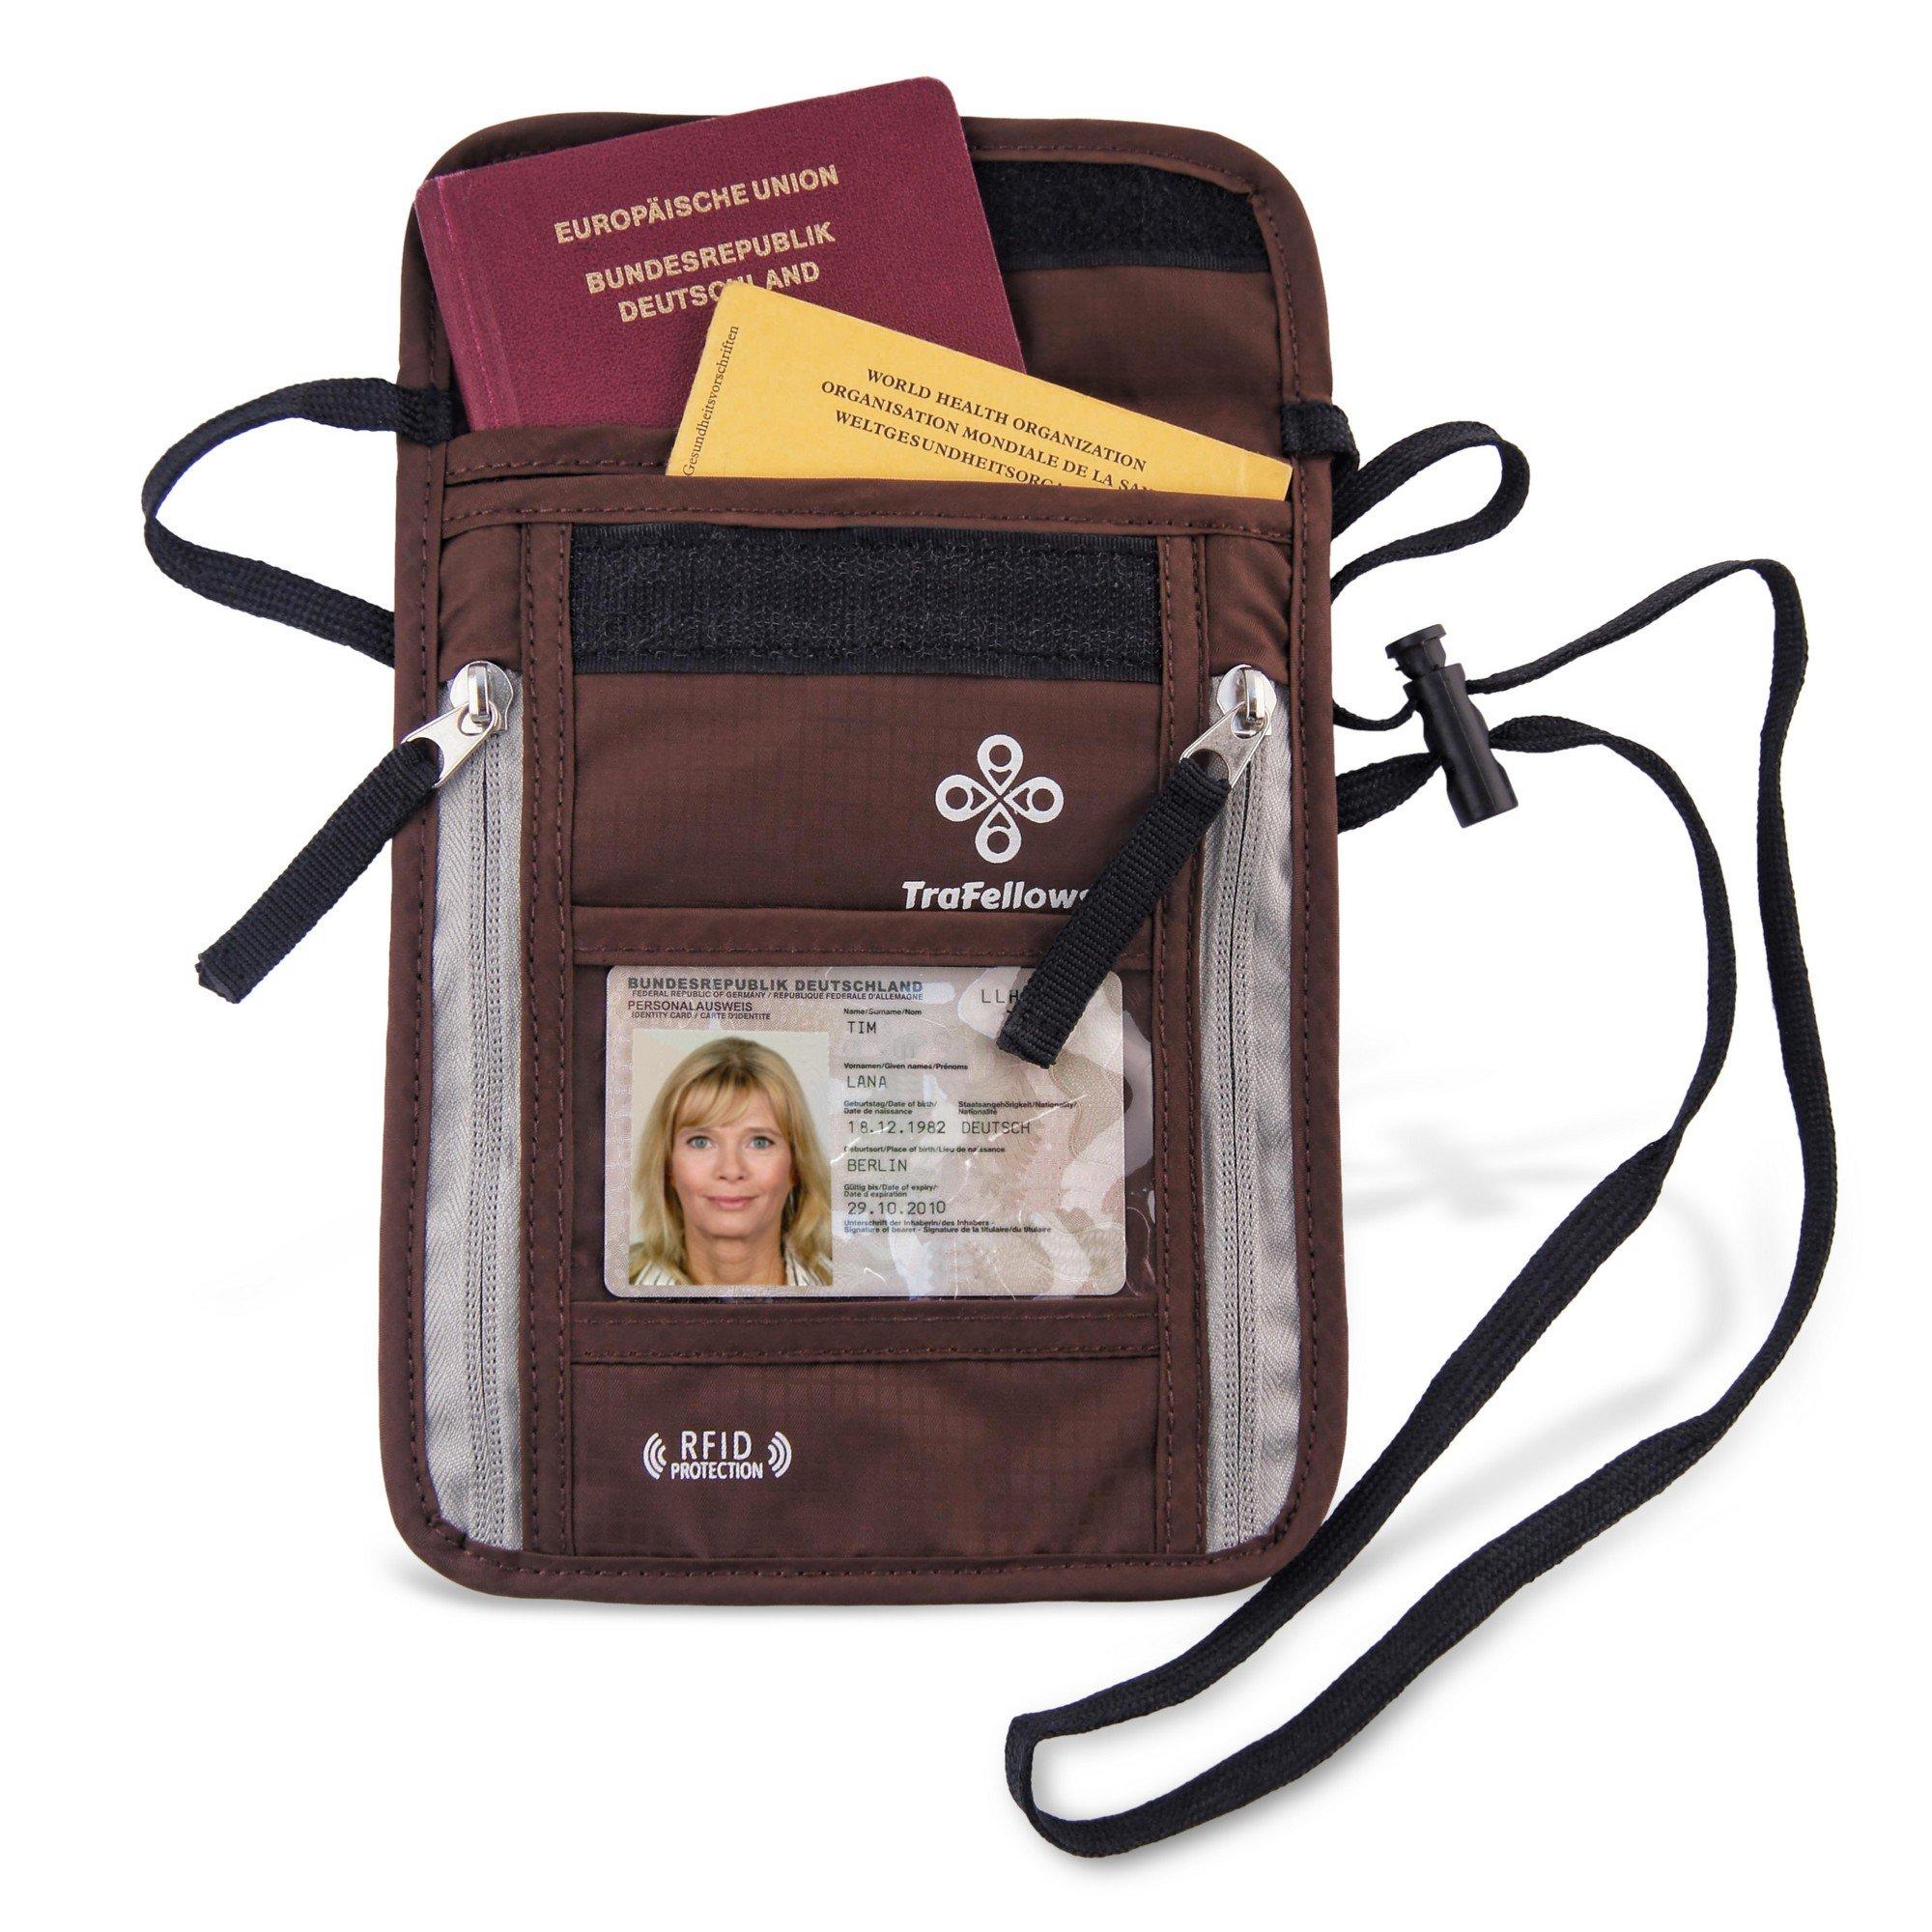 Pochette à bandoulière avec protection RFID pour hommes et femmes | Sac plat et spacieux | Sacoche légère pour garder vos documents et votre téléphone en sécurité (marron)